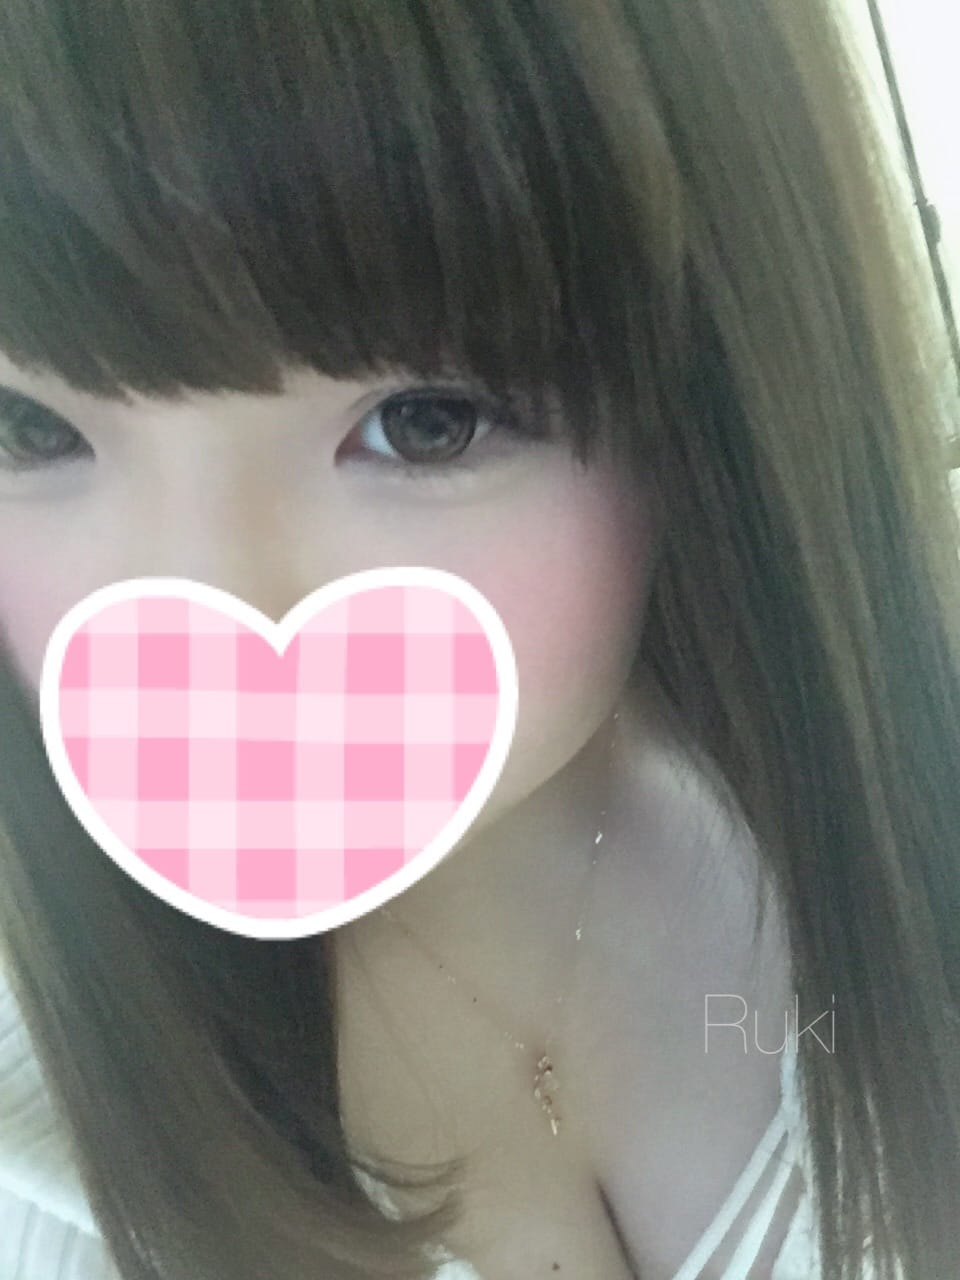 るき 癒し系HカップGIRL「> お礼♡」09/24(日) 13:41 | るき 癒し系HカップGIRLの写メ・風俗動画